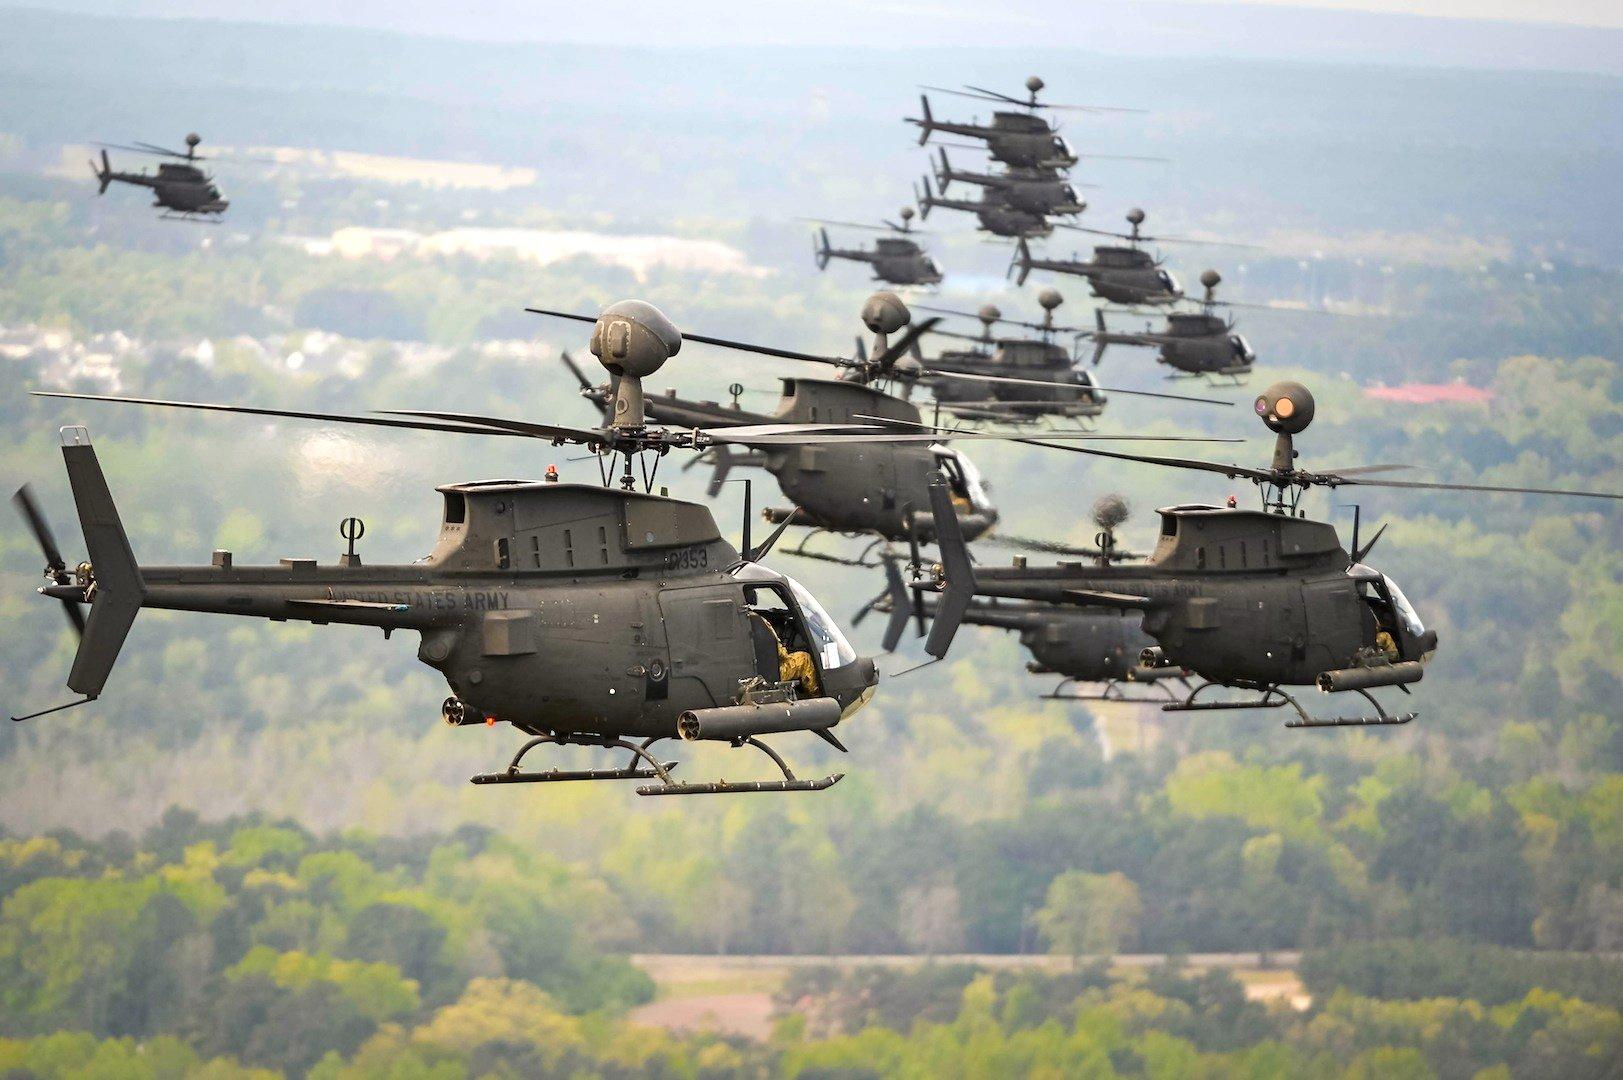 Αλλάζουν όλα στην ελληνική Αεροπορία Στρατού: Την πιο κατάλληλη στιγμή έρχονται τα 70 ελικόπτερα Kiowa Warrior – Απάντηση στα τουρκικά σενάρια EFES